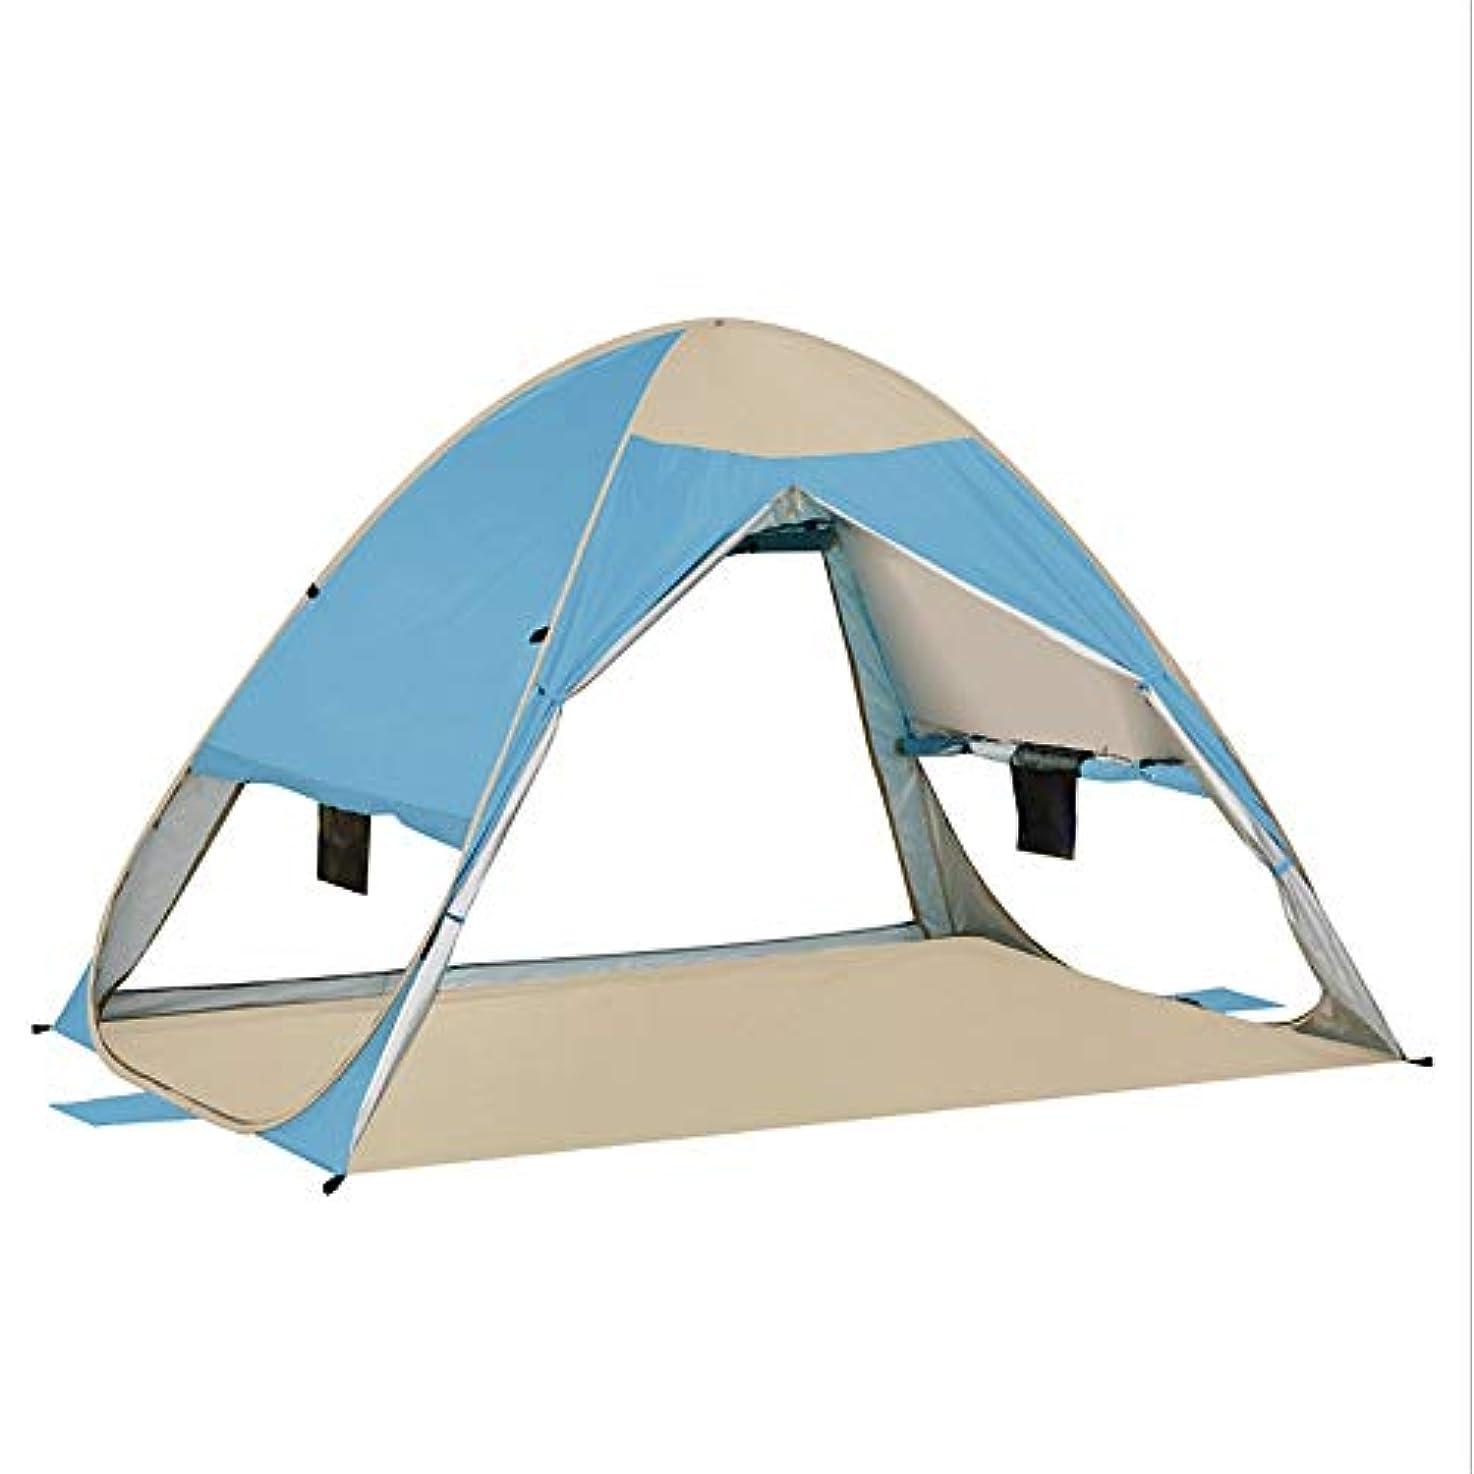 工業化するロール周術期Feelyer ポータブル通気性テントビーチテント防水UVプロテクション折りたたみ式デザイン軽量ビーチに適してビーチ屋外ディナー 顧客に愛されて (色 : 青)